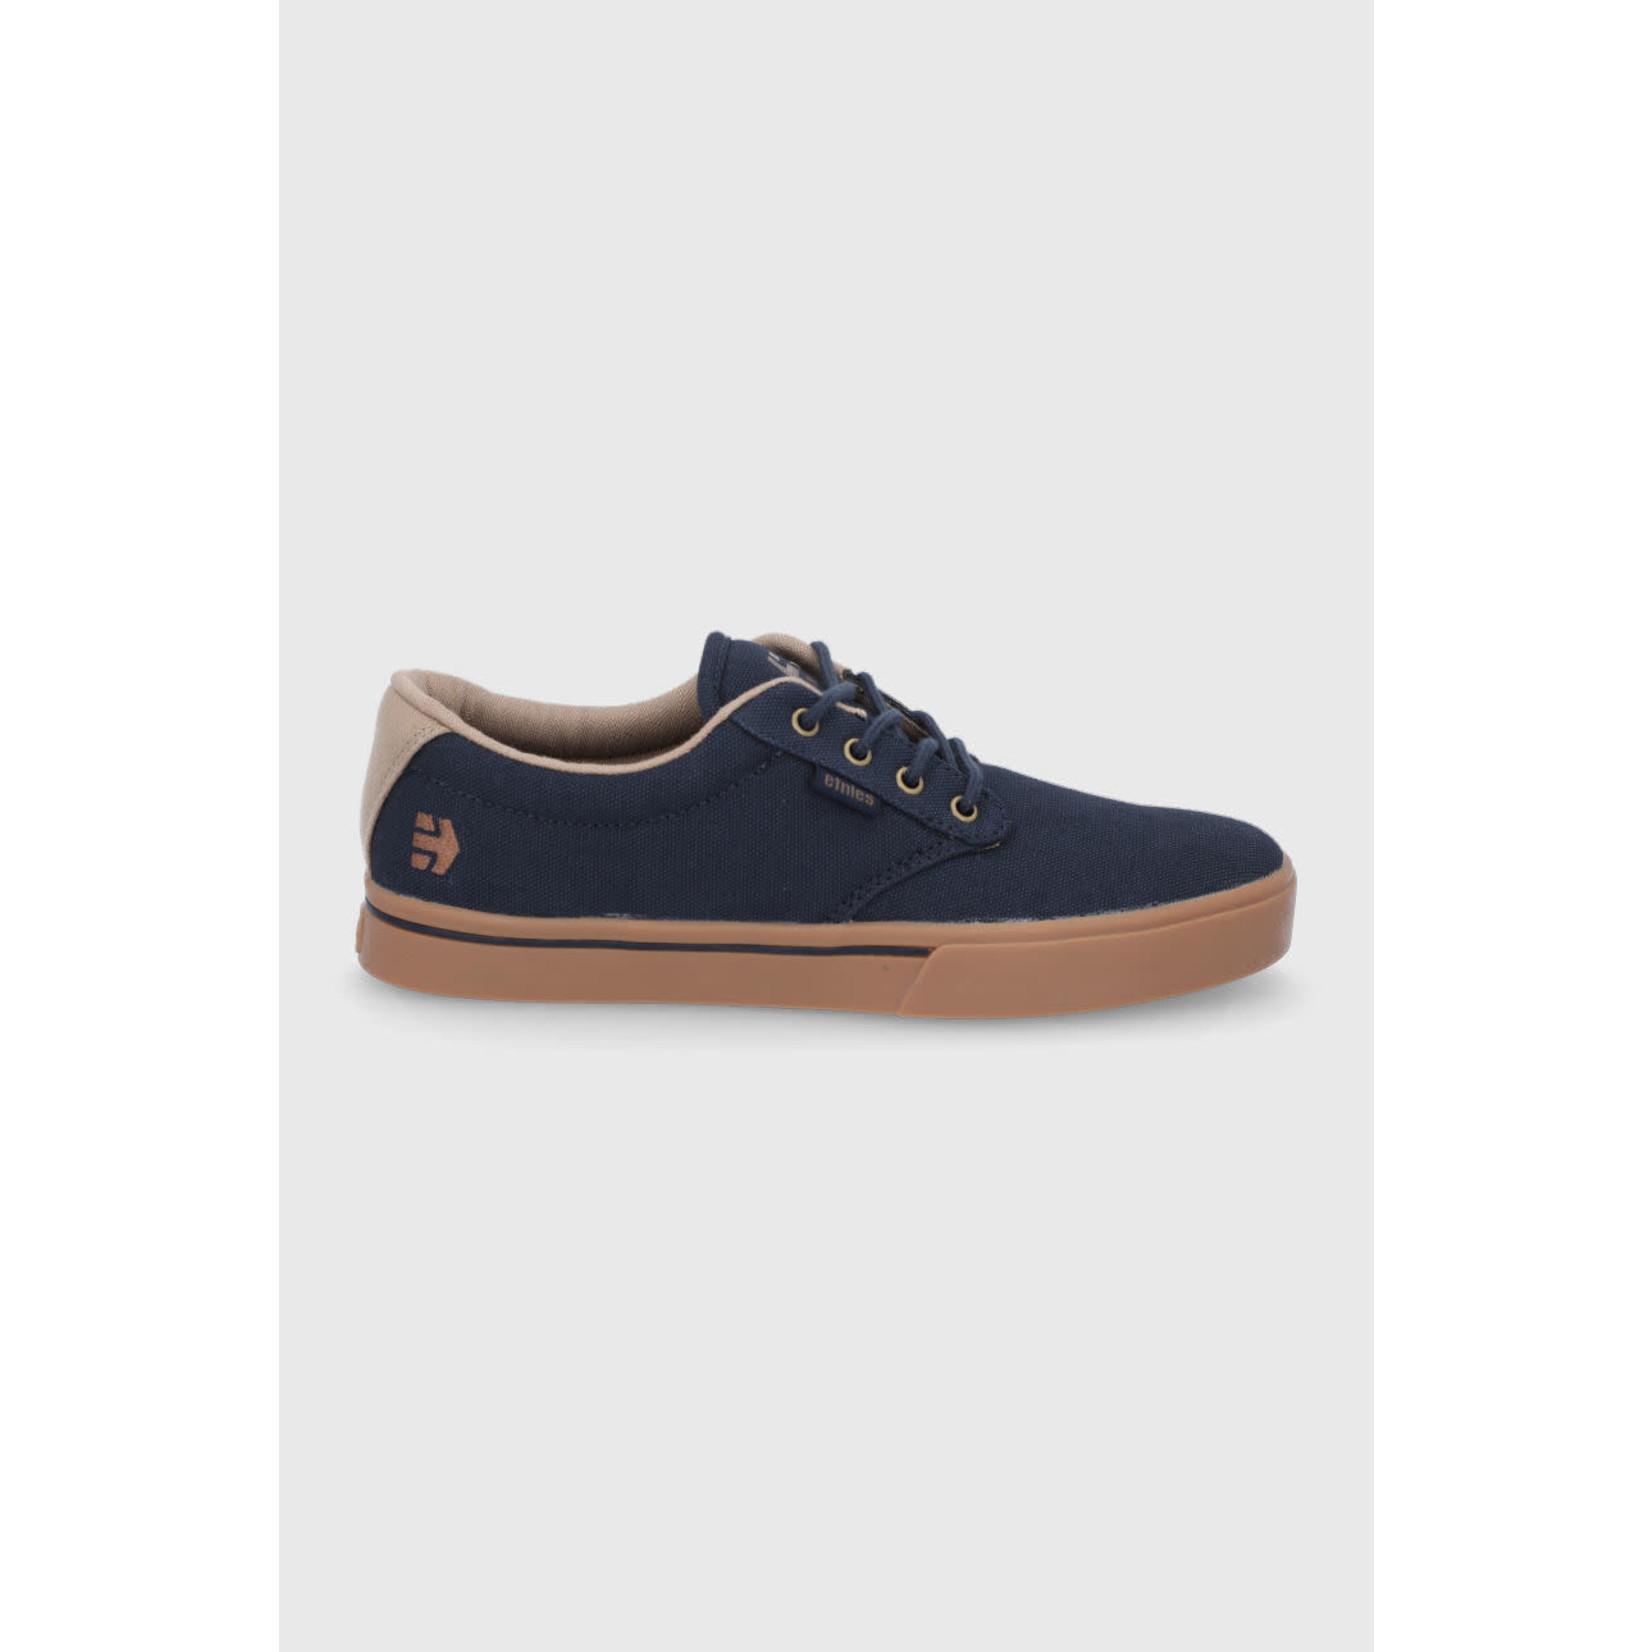 Etnies Etnies Casual Shoes, Jameson 2 Eco, Mens, 461-Nvy/Gum/Gold